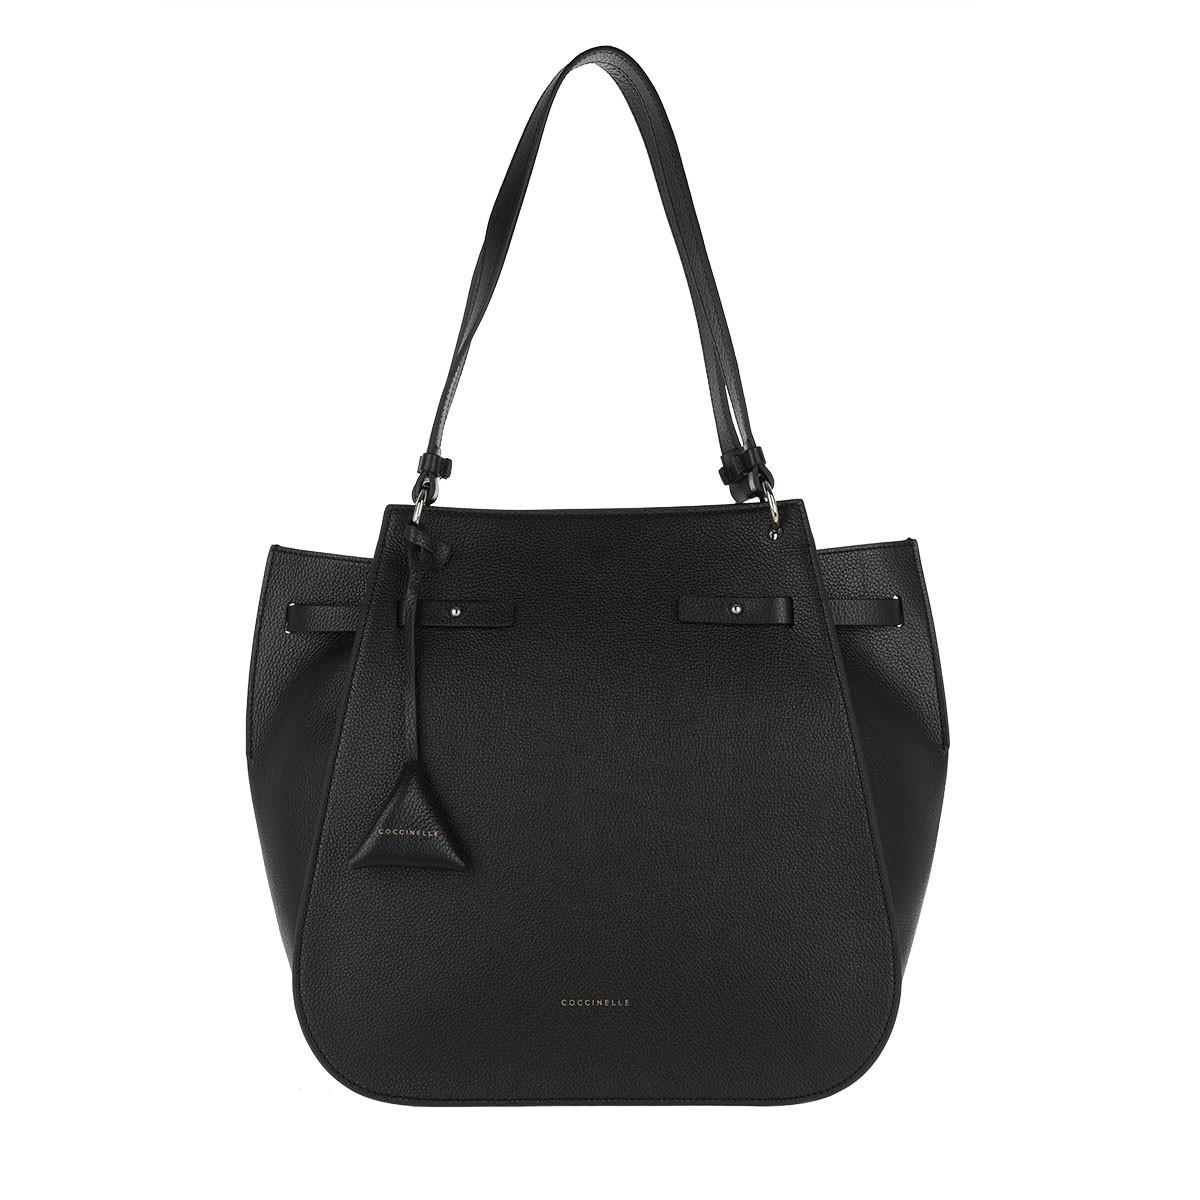 Coccinelle Tote - Didi Shopping Bag Noir - in schwarz - für Damen